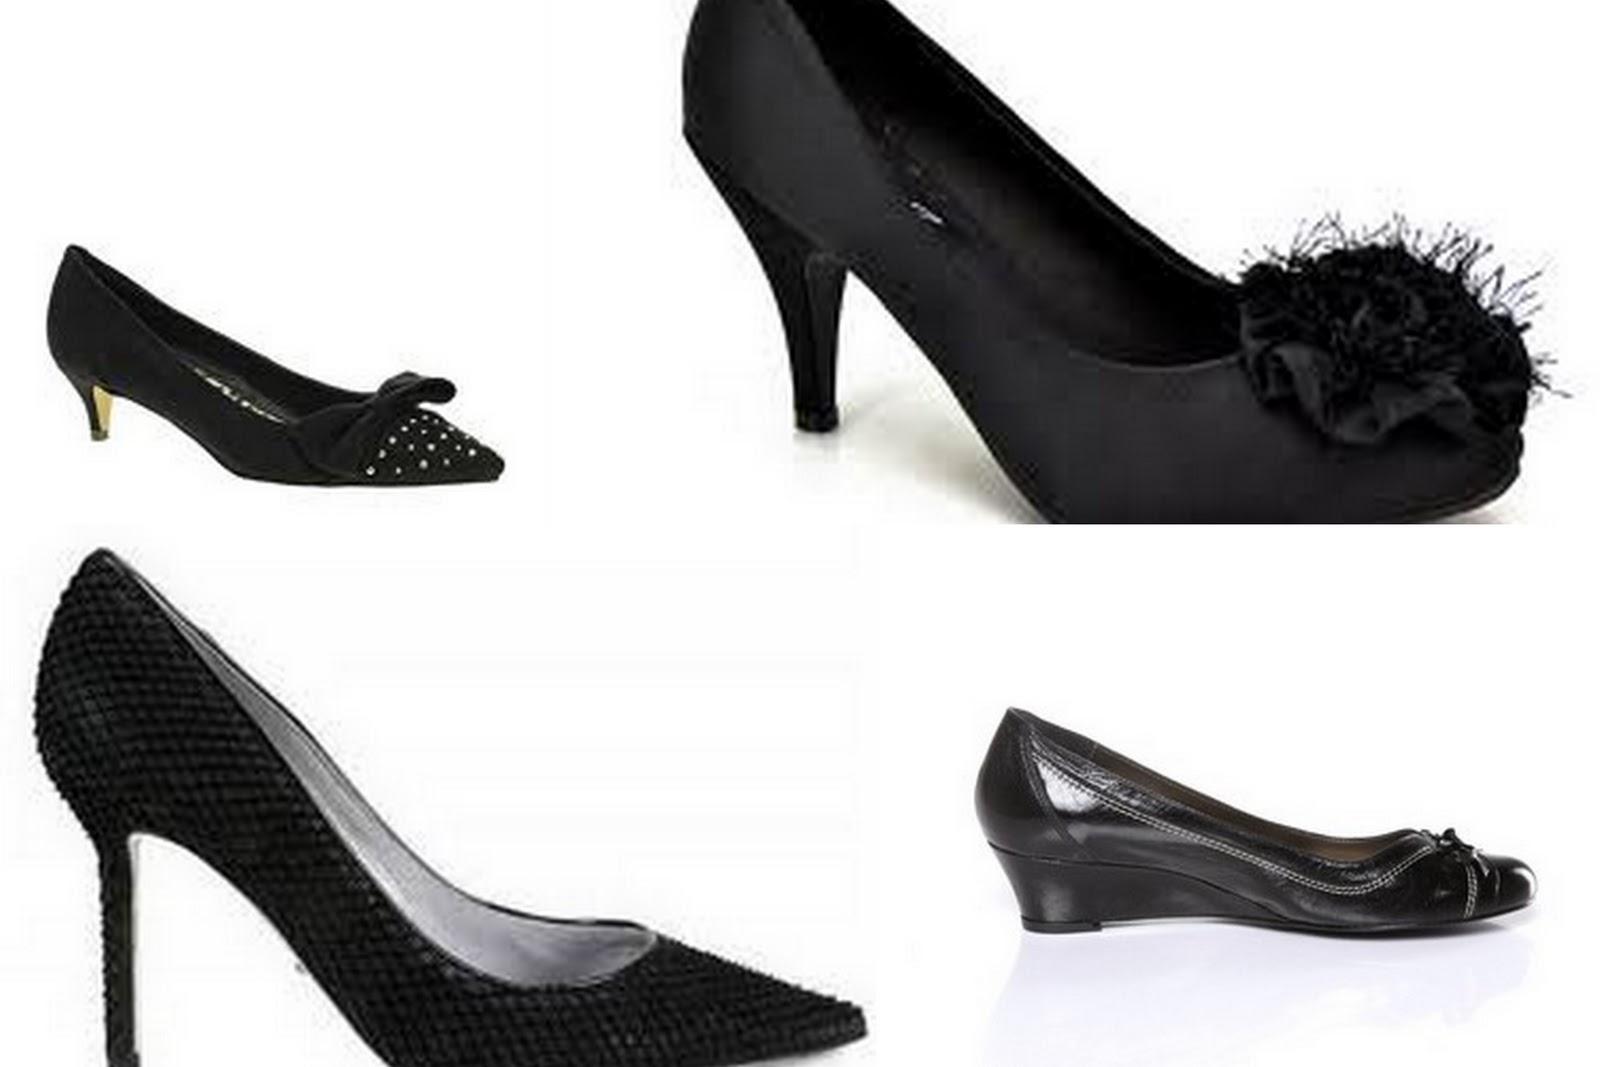 Anuskitabluestyle fondo de armario - Zapatos collage ...